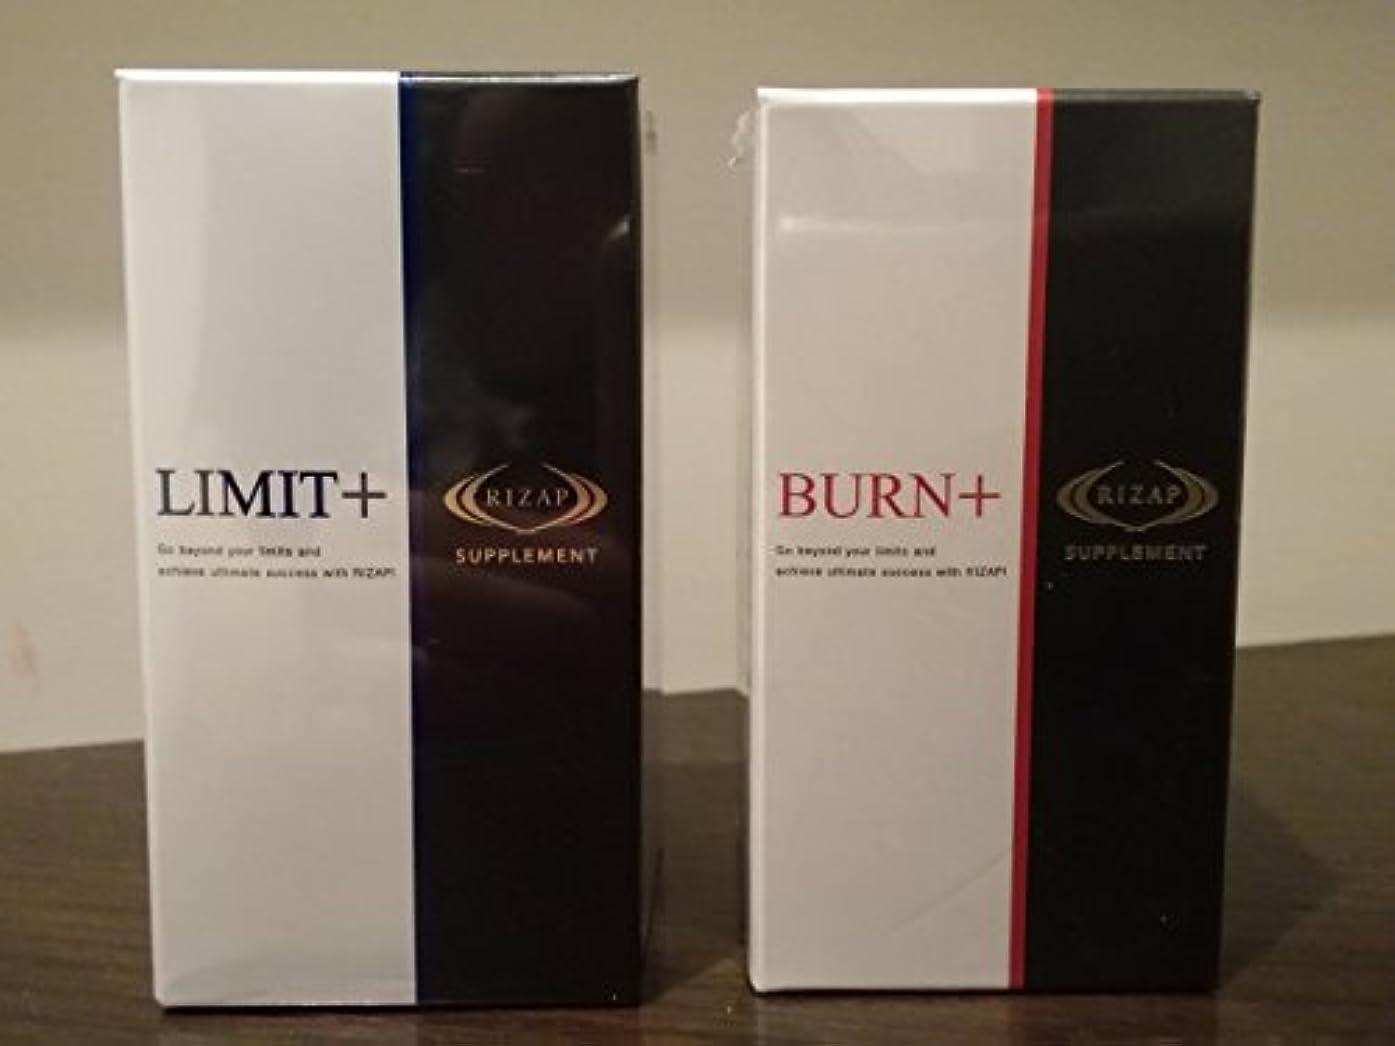 ご意見戸惑うモードリンライザップ 【バーン+】&【リミット+】 【BURN+】&【LIMIT+】